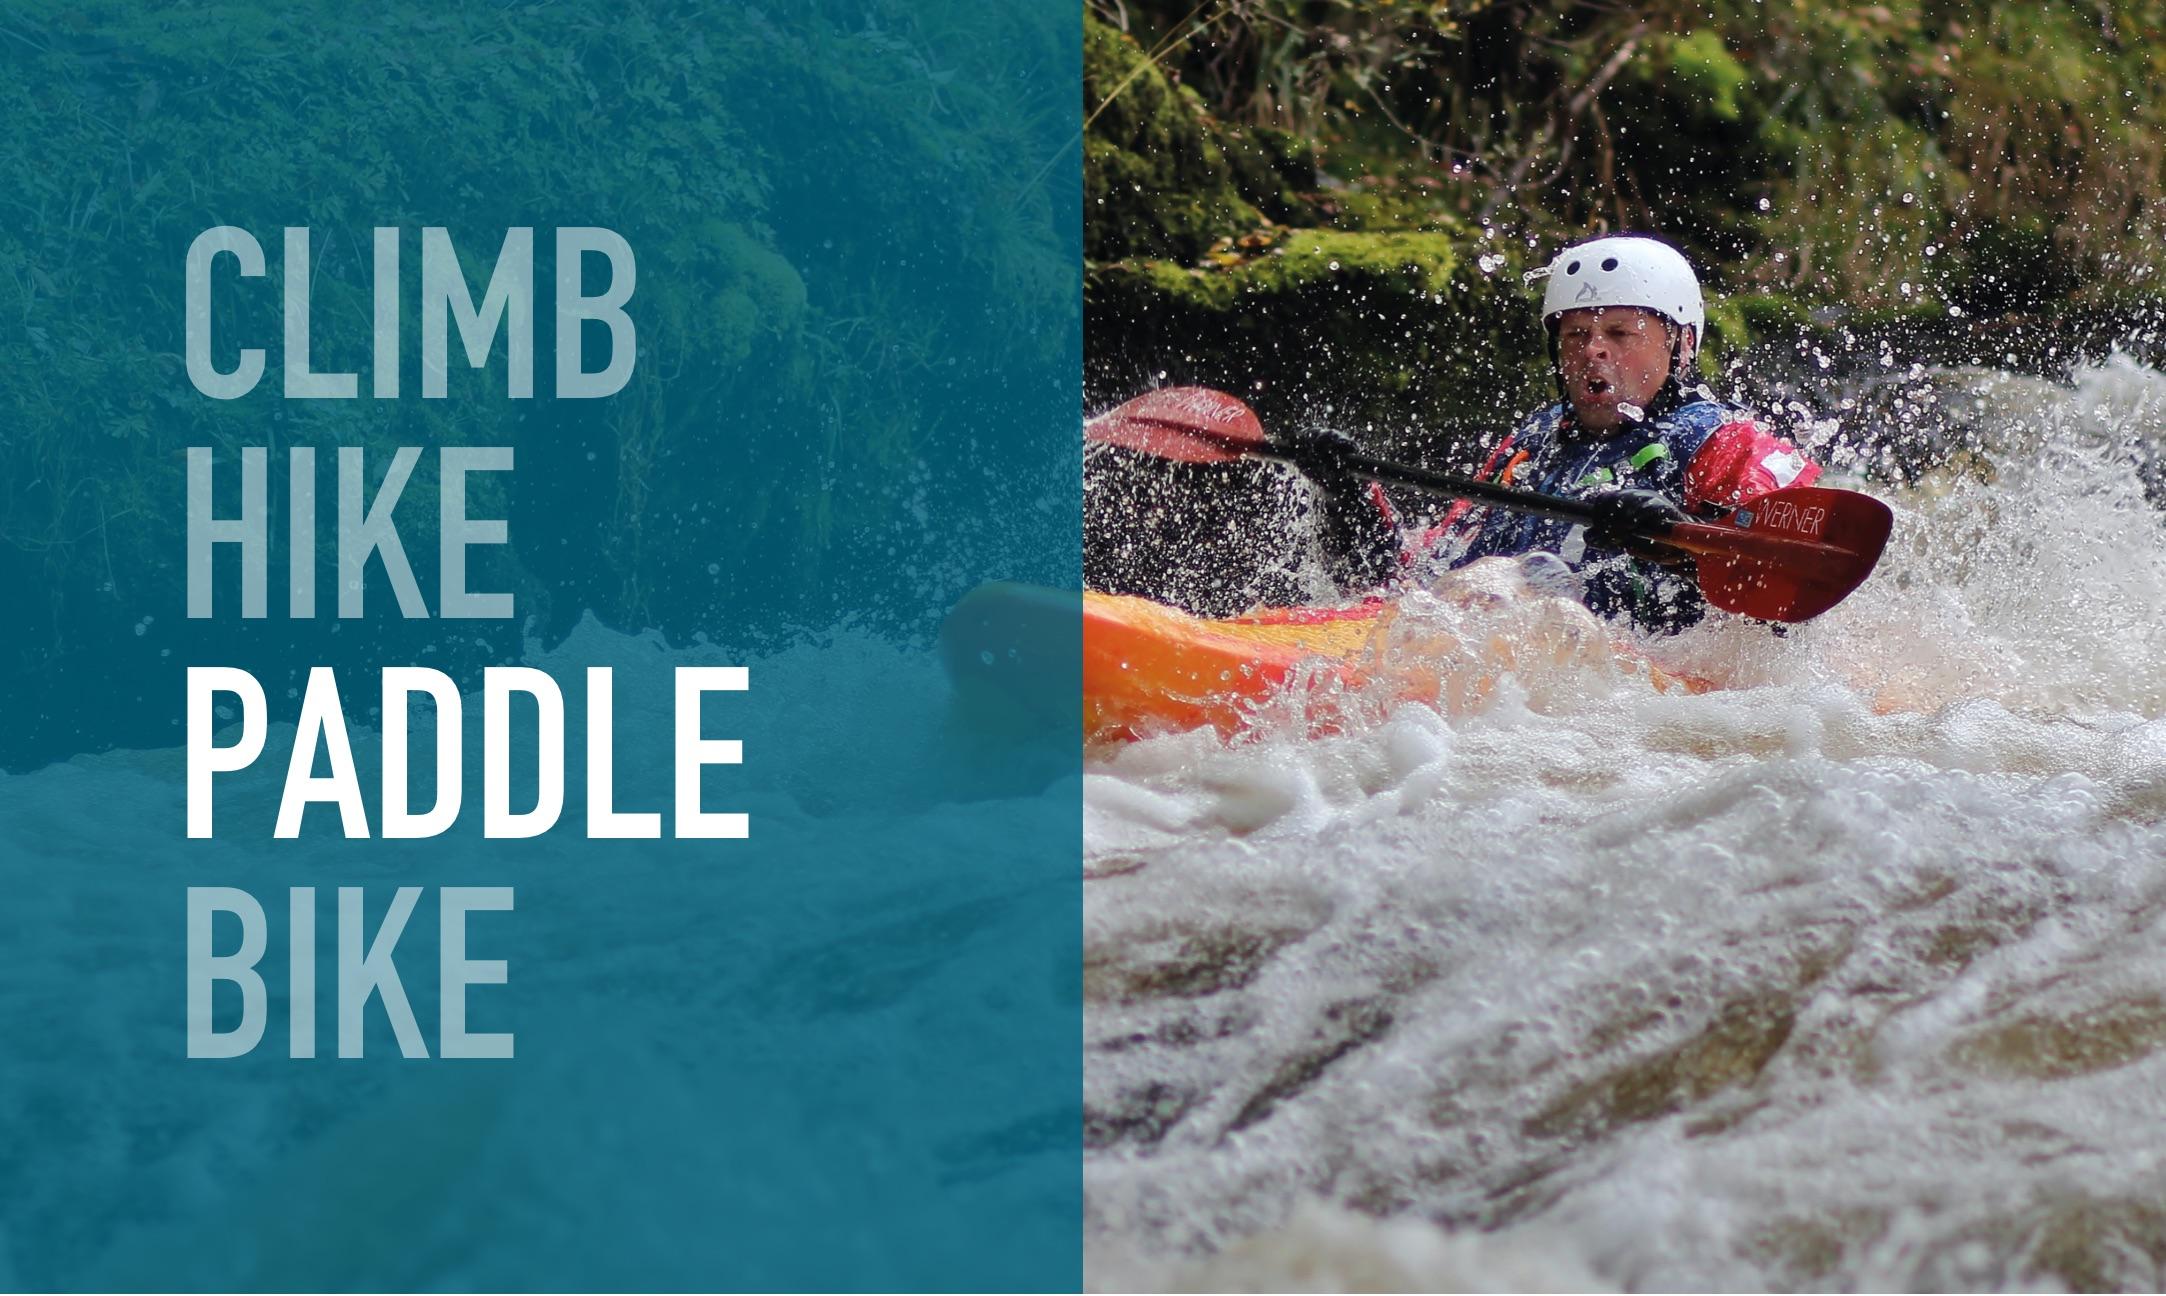 'Climb Hike Paddle Bike' slogan over a canoeist